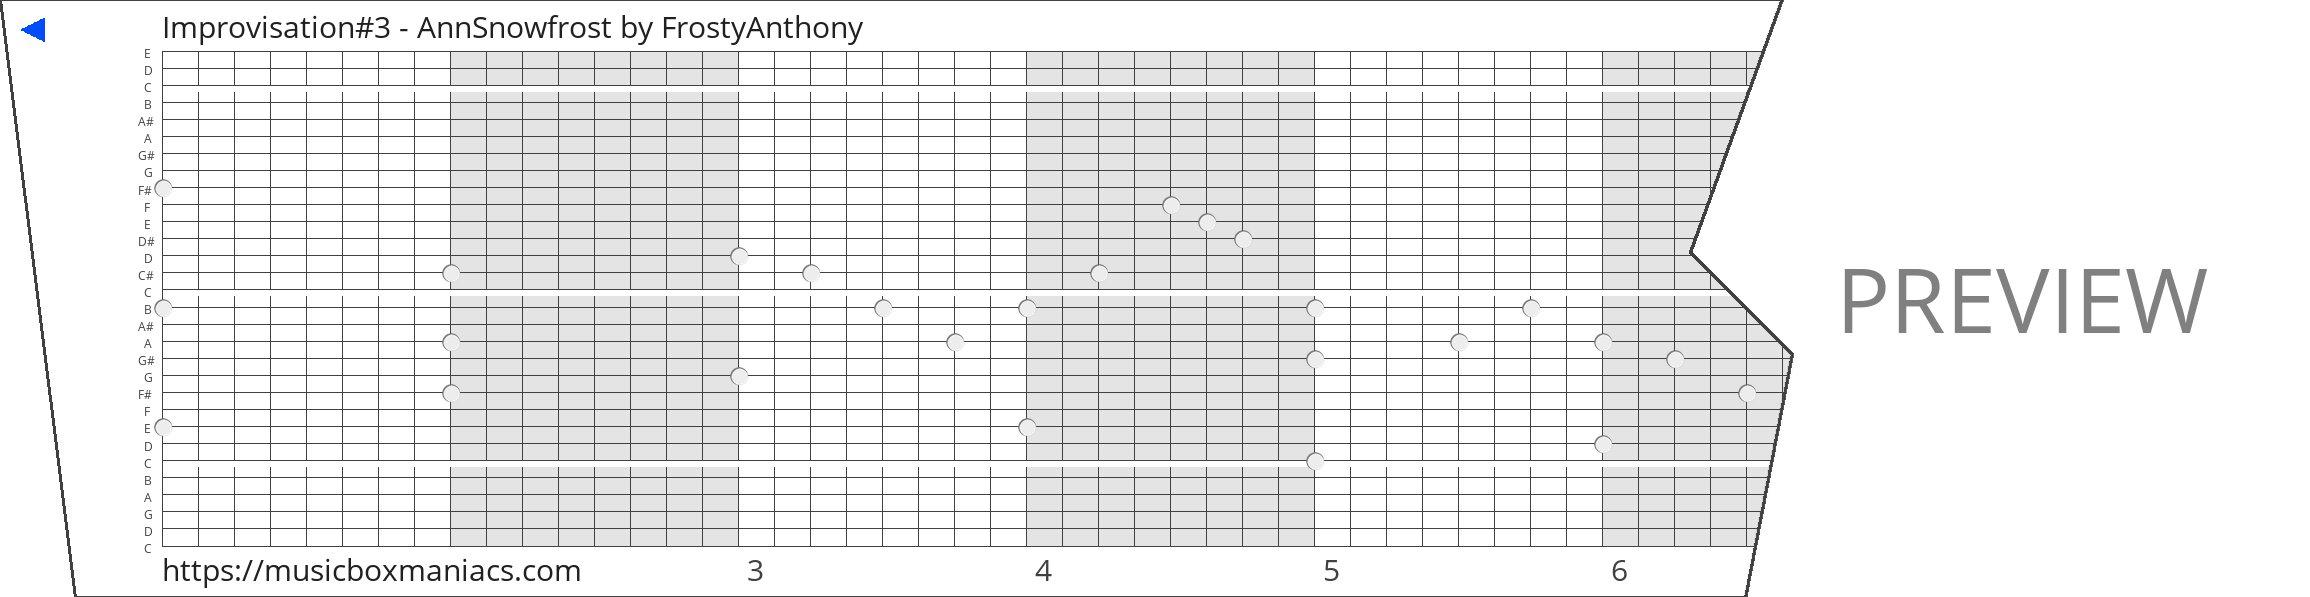 Improvisation#3 - AnnSnowfrost 30 note music box paper strip